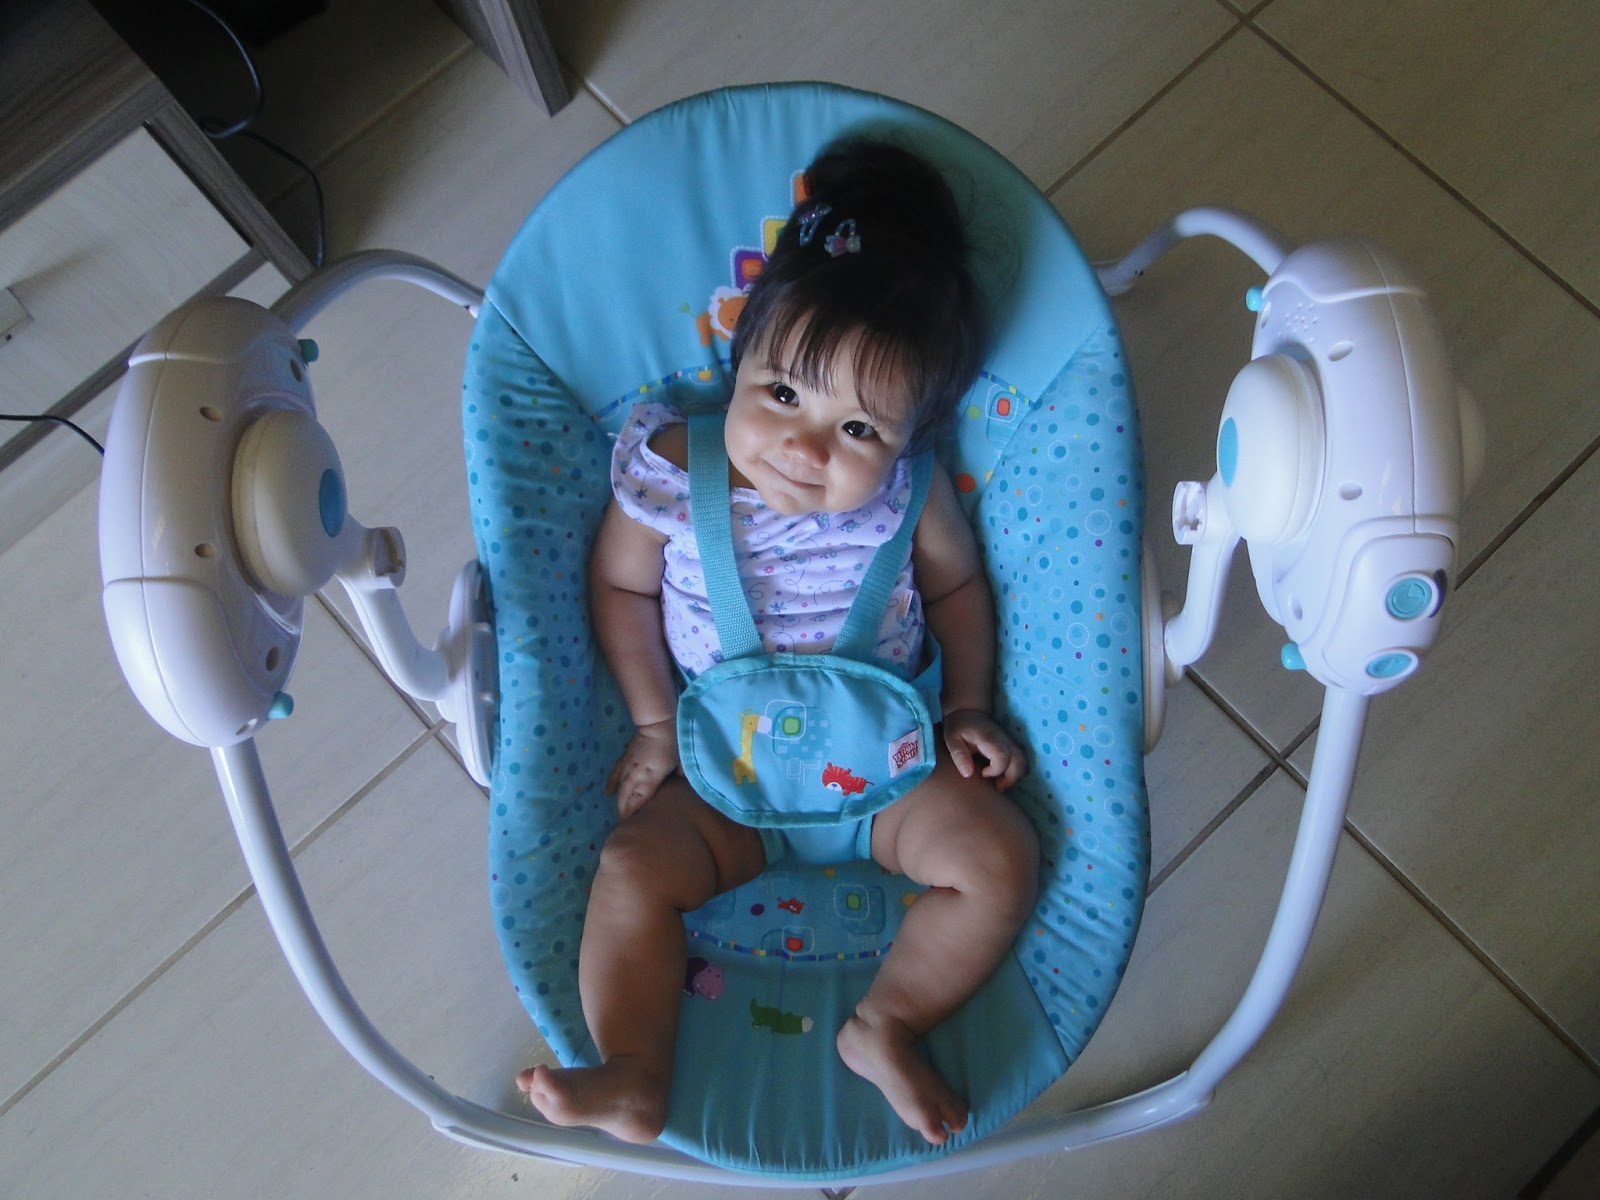 Cadeira de balanço Bright Starts Fun on Safari Selo Mamãe de  #2568A6 1600x1200